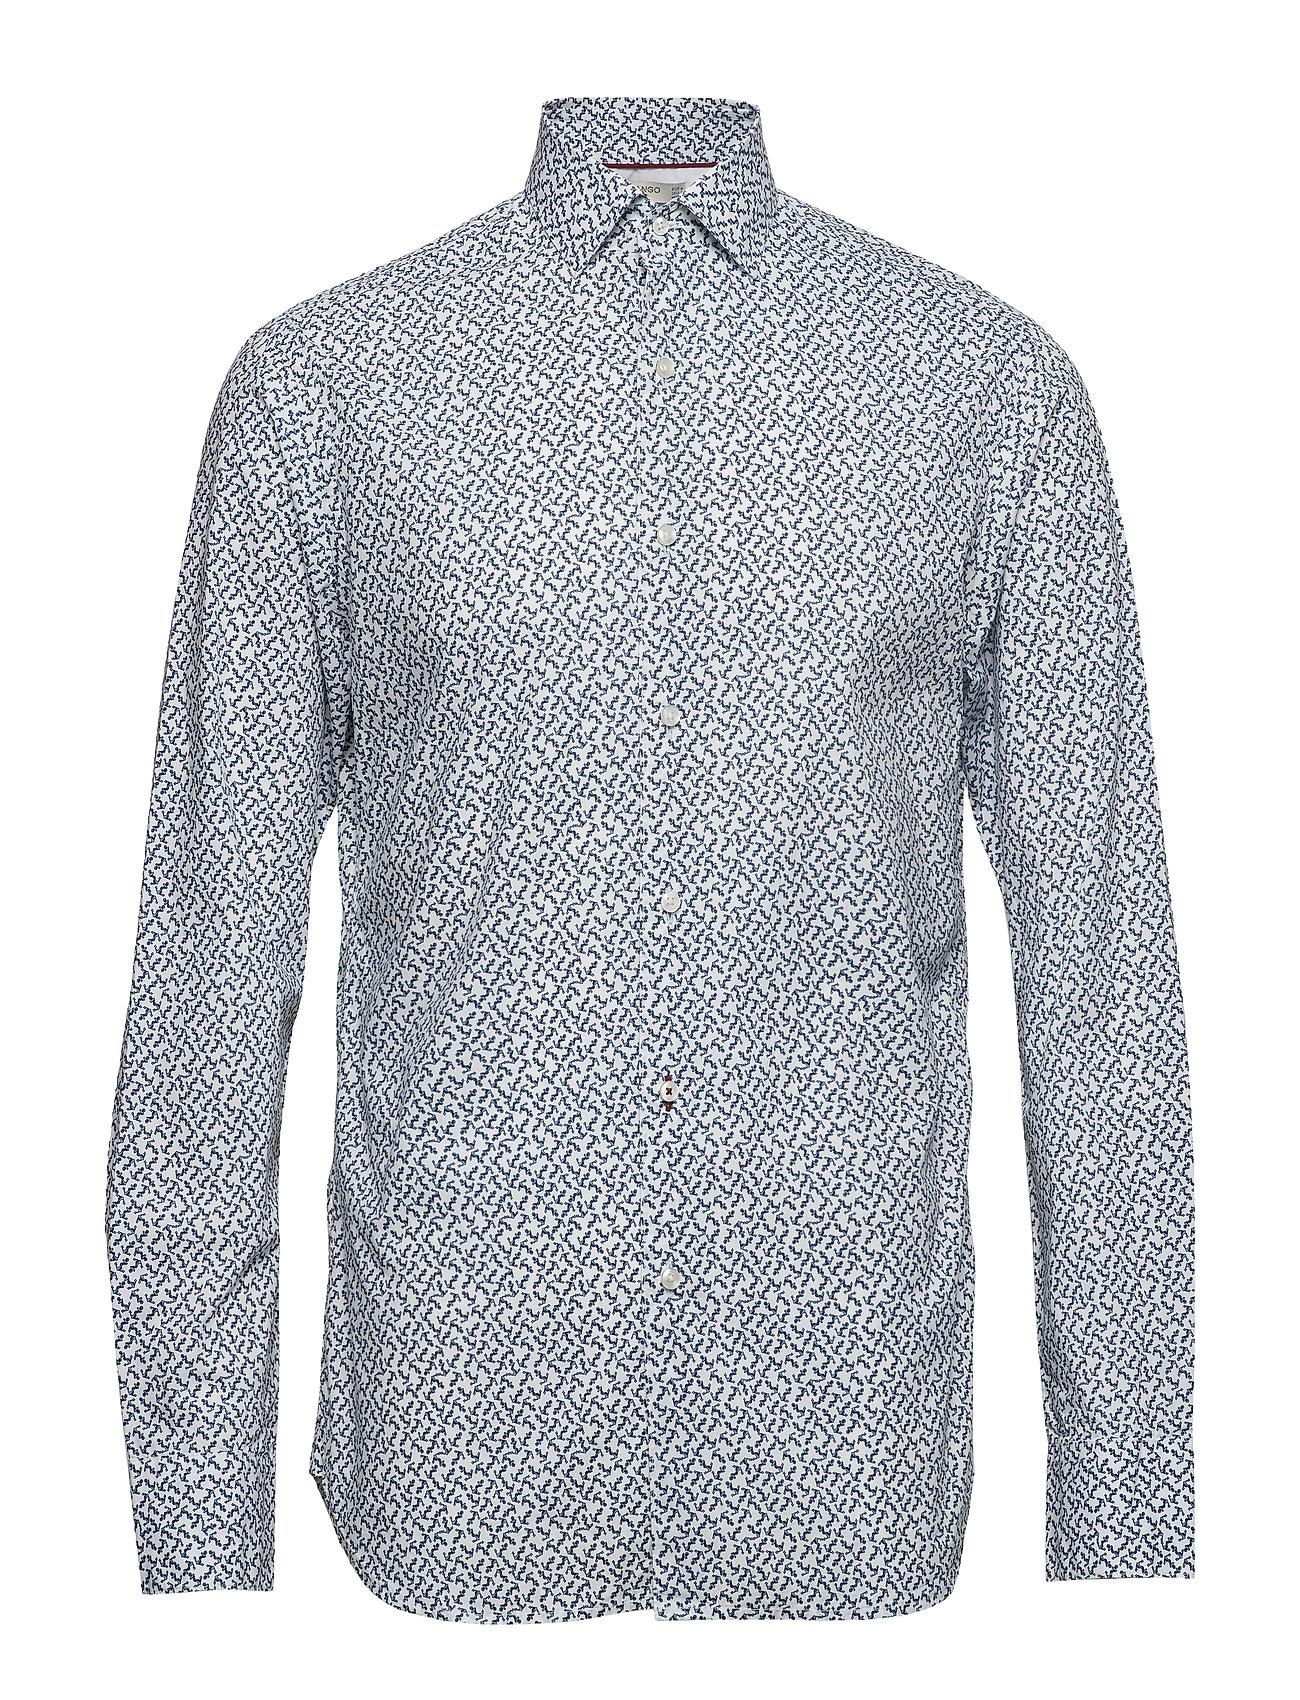 Mango Man Slim fit printed cotton shirt Ögrönlar